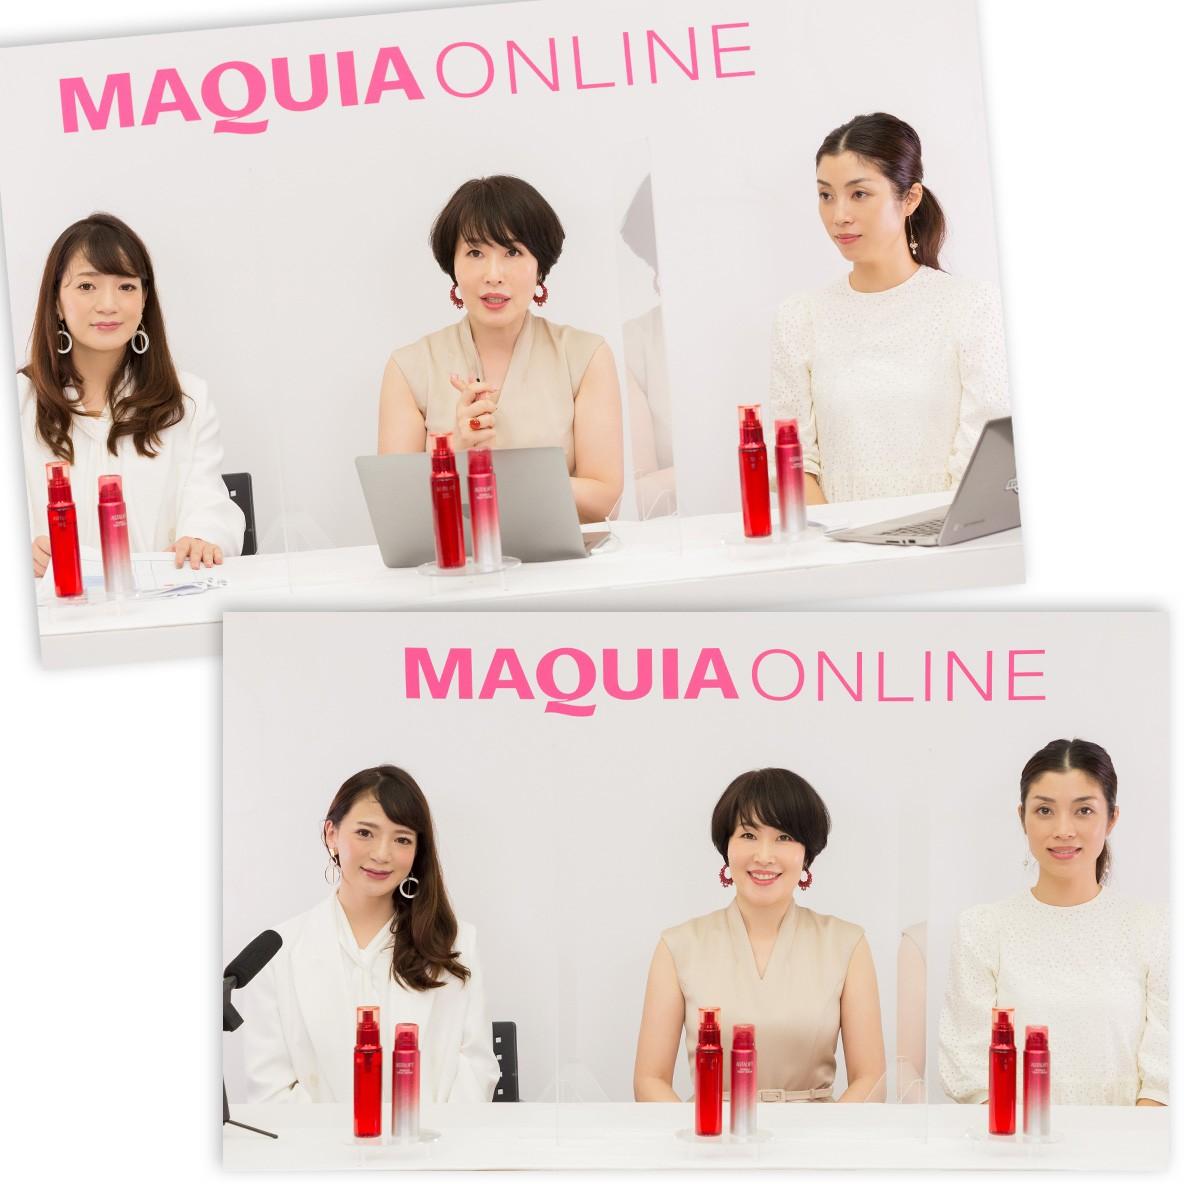 【スペシャルウェビナー開催】美容家・小林ひろ美さんが最新毛穴ケアを伝授! マキア公式ブロガーがアスタリフトの毛穴からスパルタ泡美容を体感_10